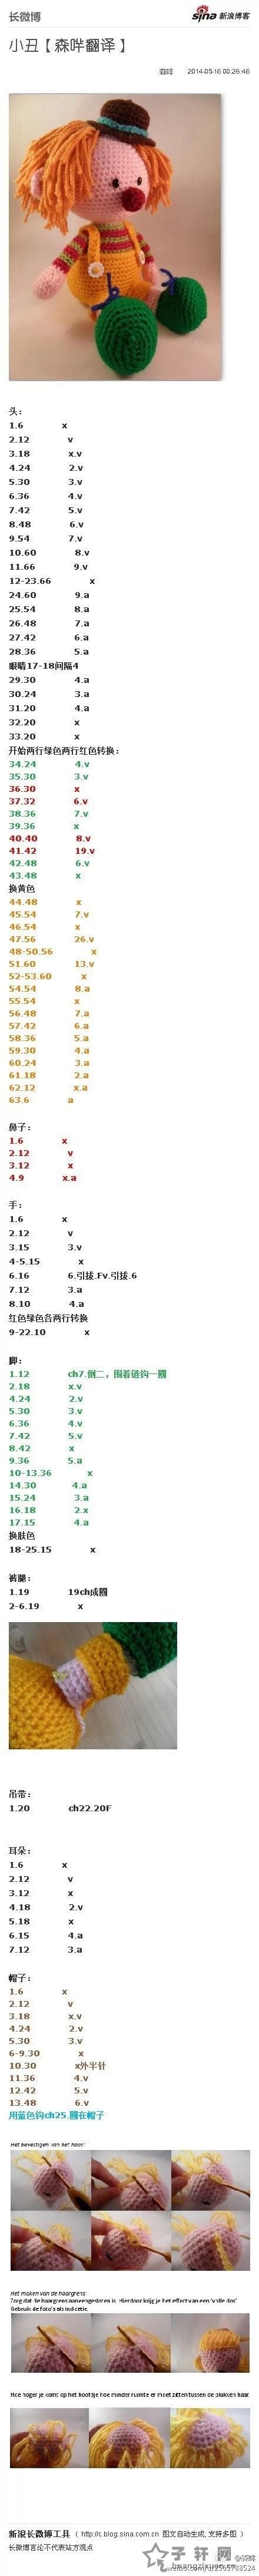 小丑 - 手工制作网 - psb (16).jpg